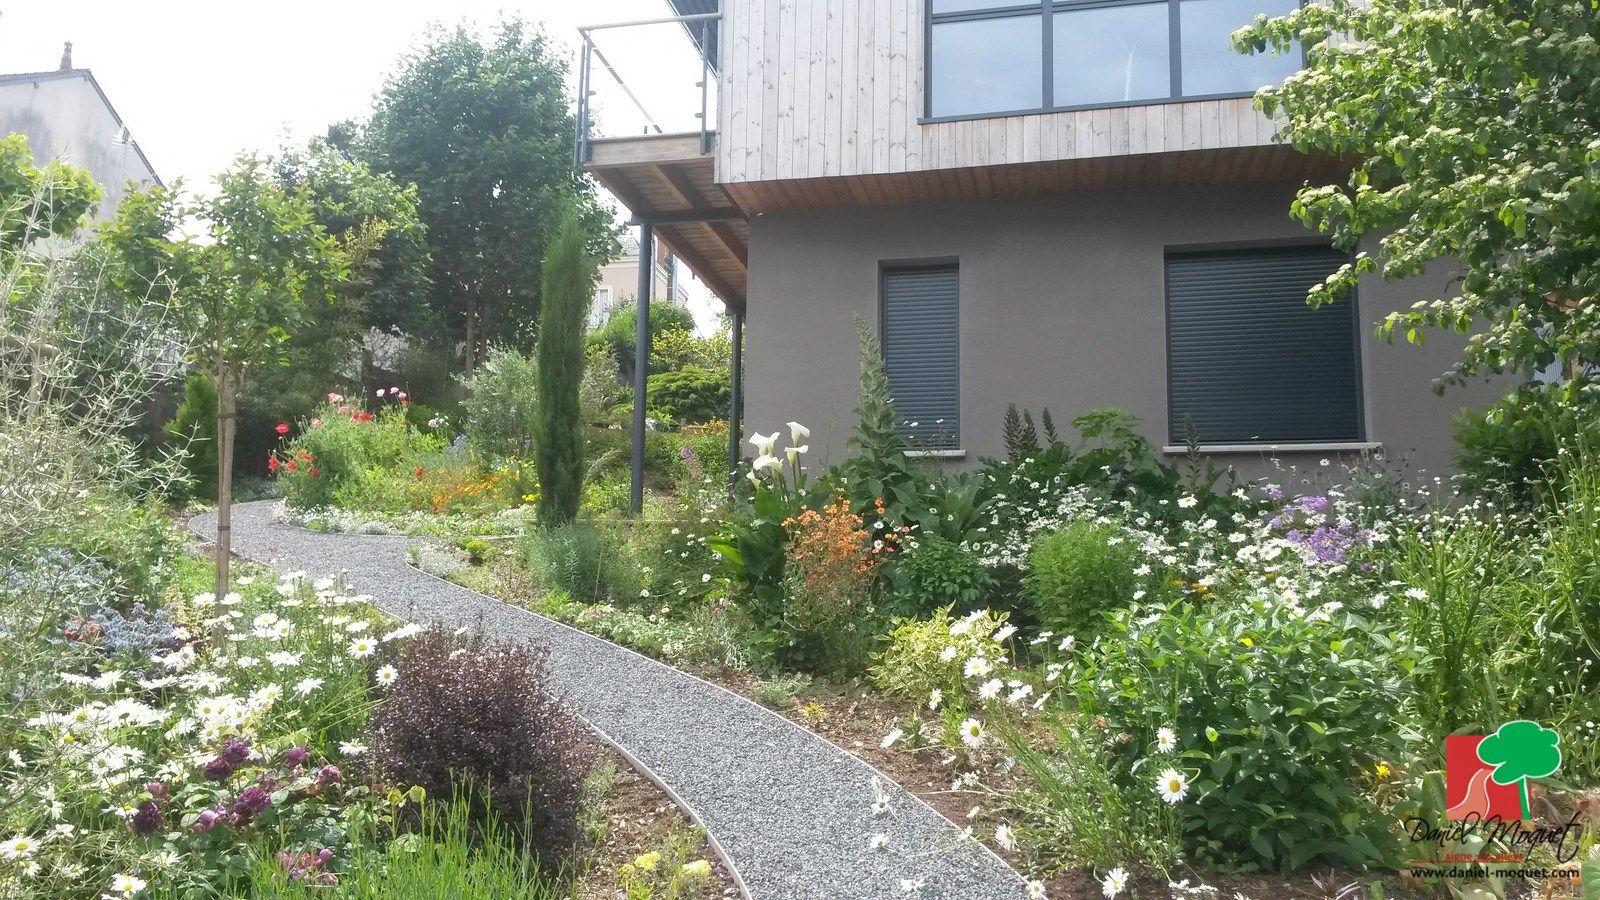 Maison moderne et jardin à l\'anglaise ! Allée en Alvéostar ...